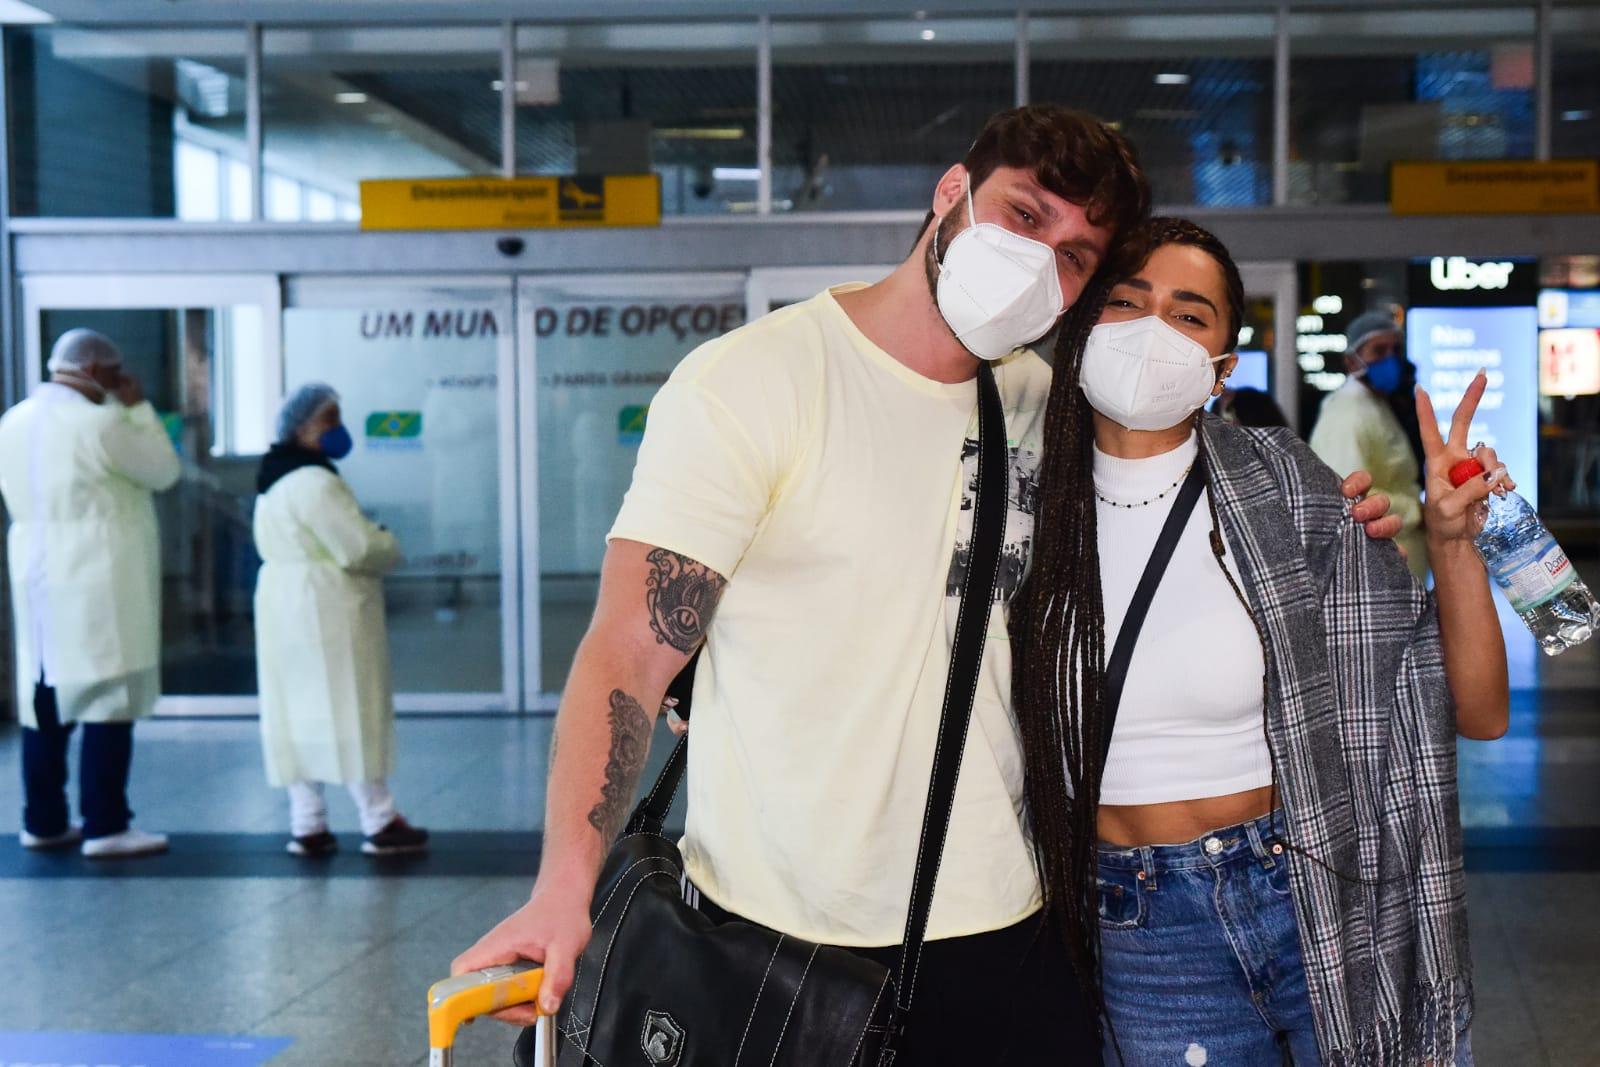 Paula Amorim chega em São Paulo após final do No Limite e diz que guardou segredo até do noivo